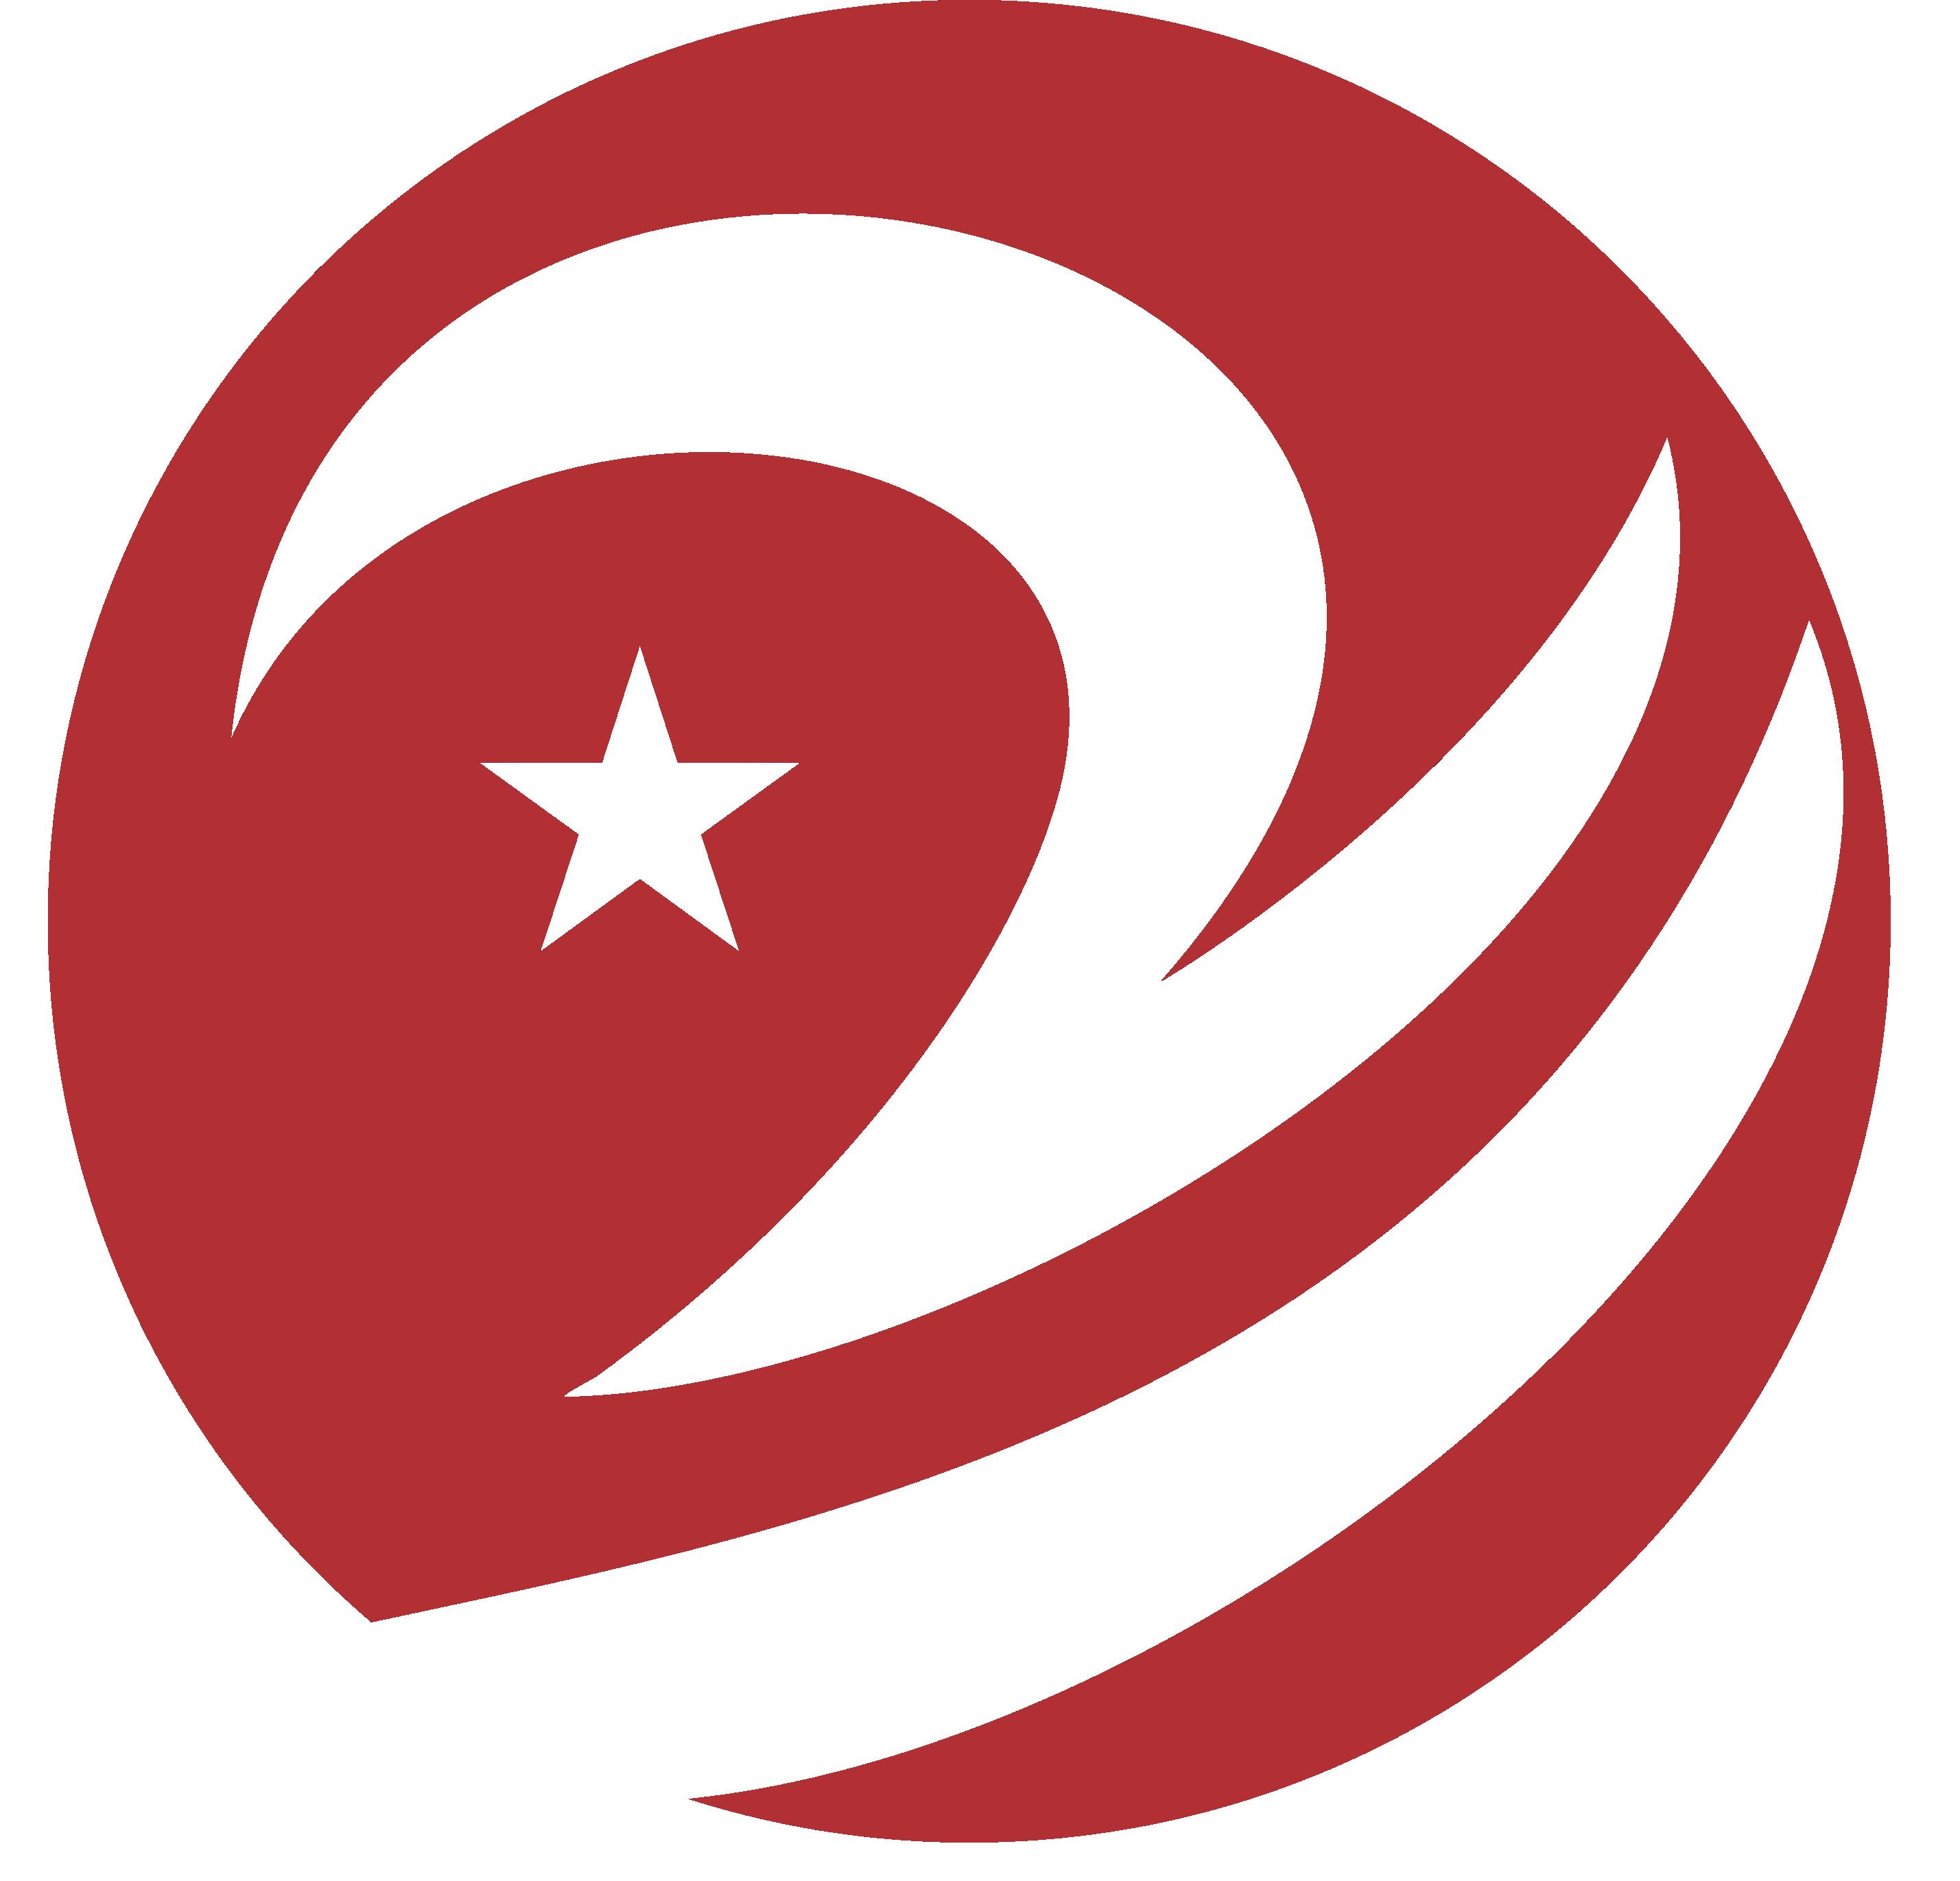 知赢科技logo_图形